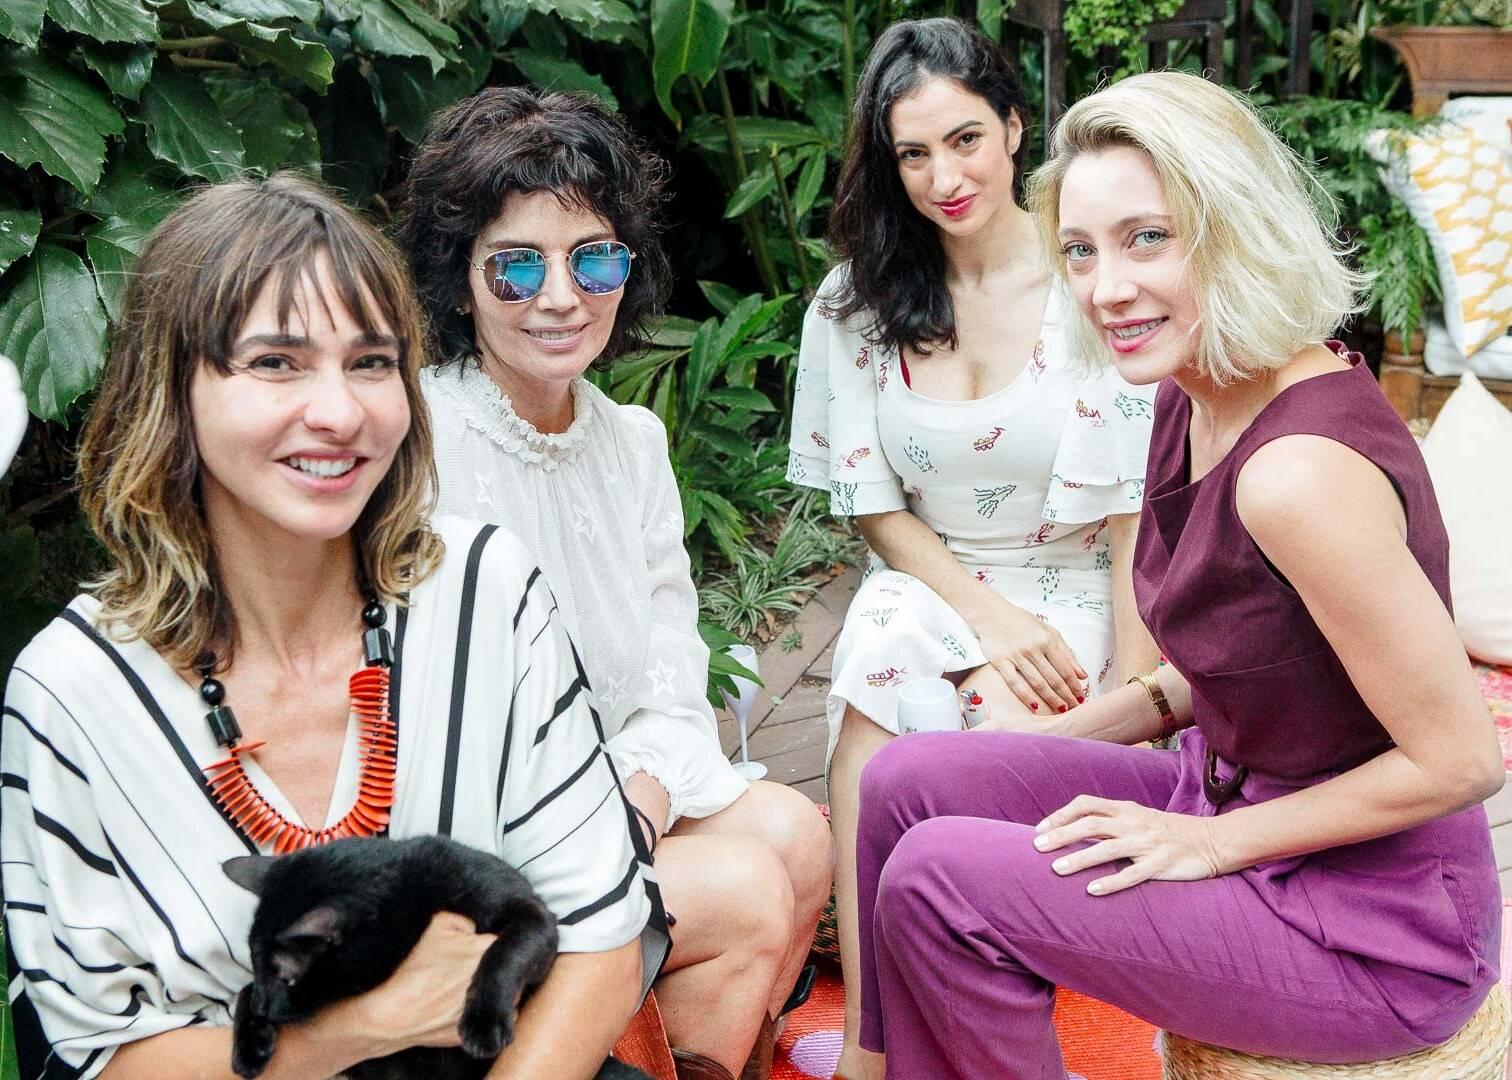 Zaza Piereck, Sandra Arraes, Thaisa Jafe e Vanessa Bueno / Foto: Bruno Ryfer